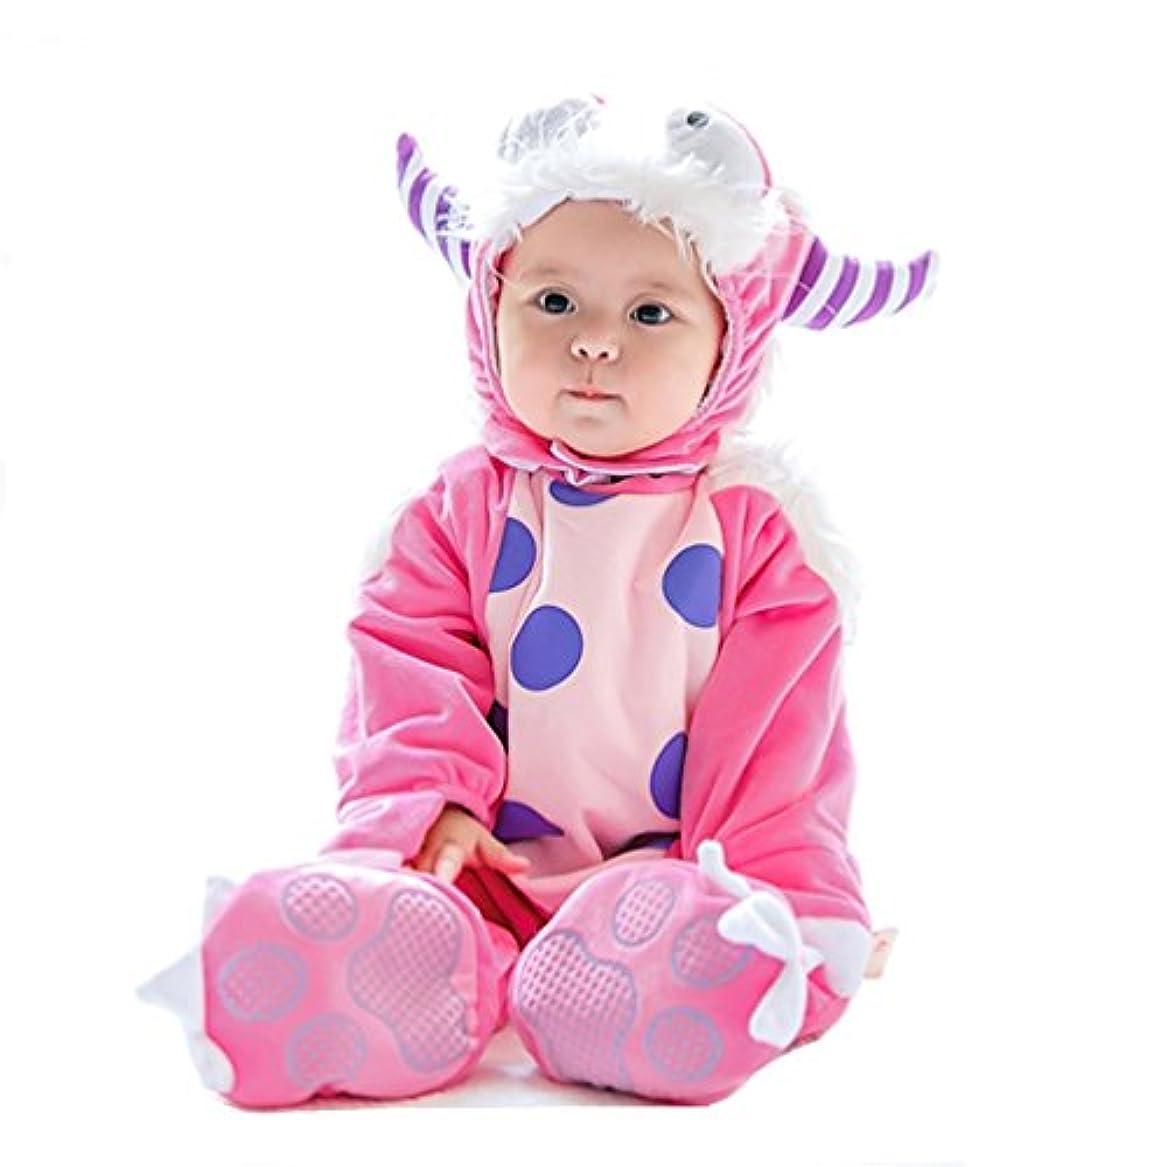 お誕生日スリップ恩恵ベビー 着ぐるみ ロンパース Yeezii 動物 もこもこ カバーオール かわいい キッズ コスチューム 防寒着 男の子 女の子 出産祝い パーティー ハロウィン クリスマス (90cm)